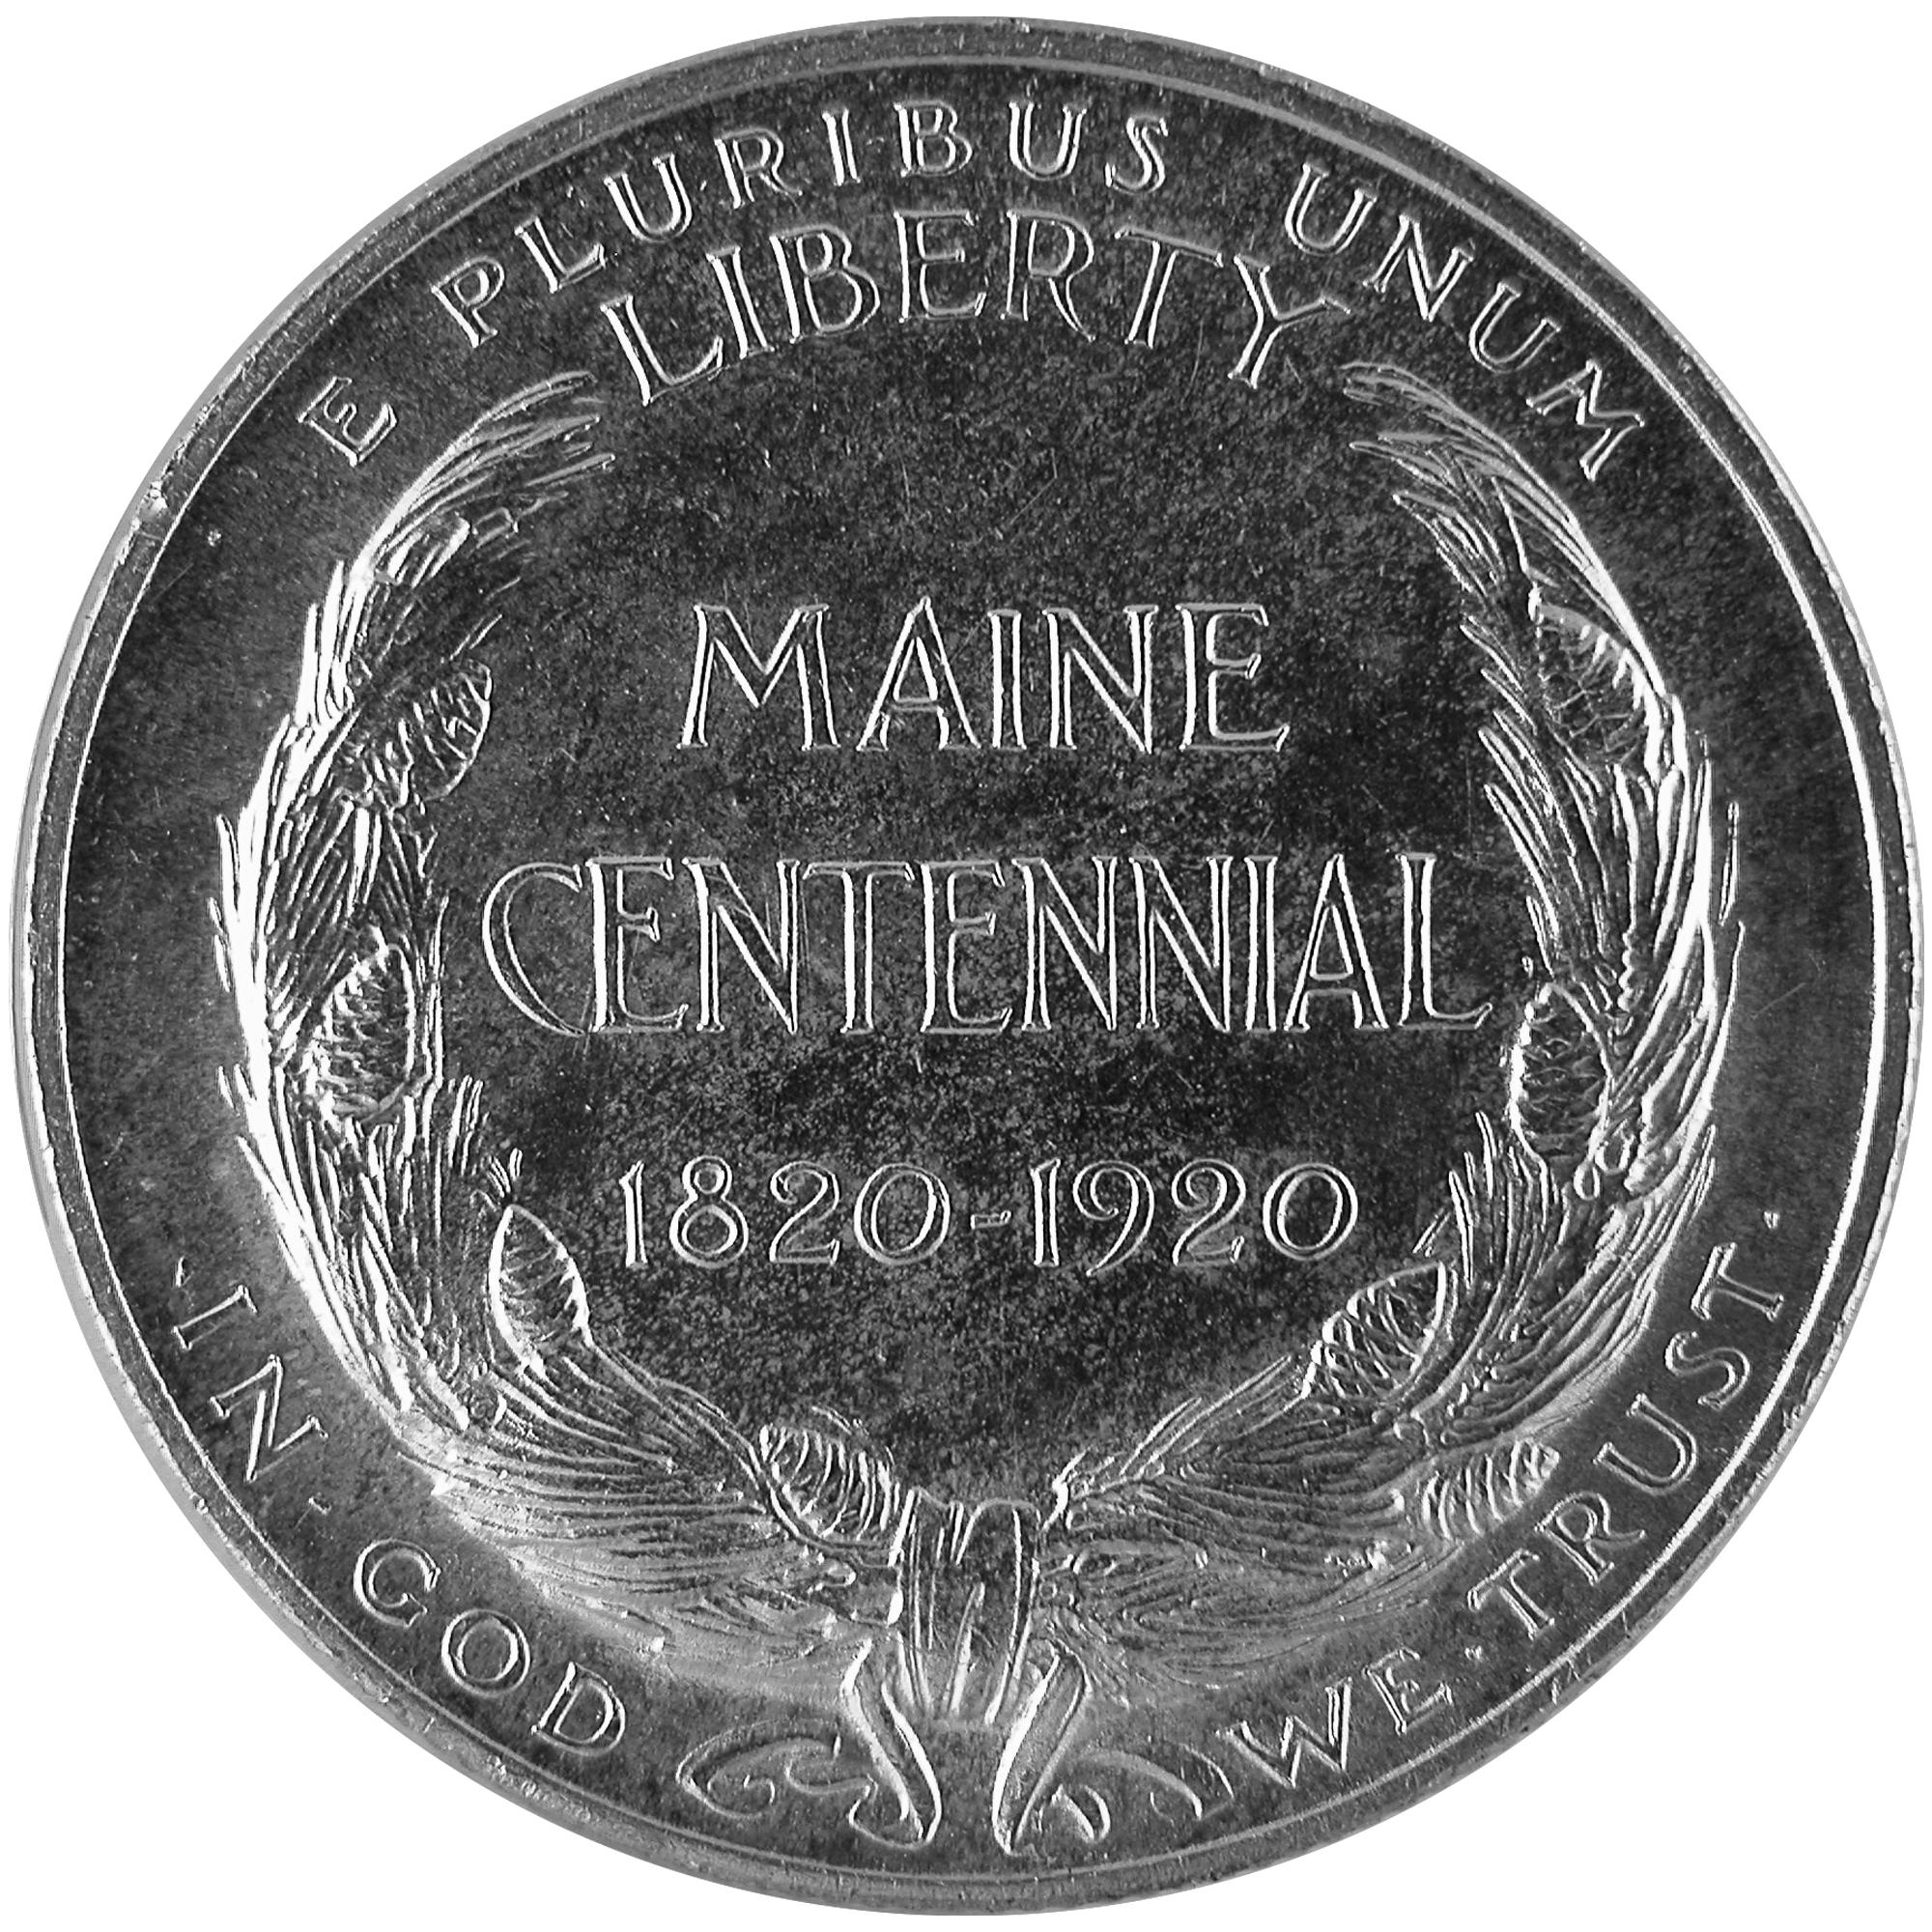 1920 Maine Centennial Commemorative Silver Half Dollar Coin Reverse